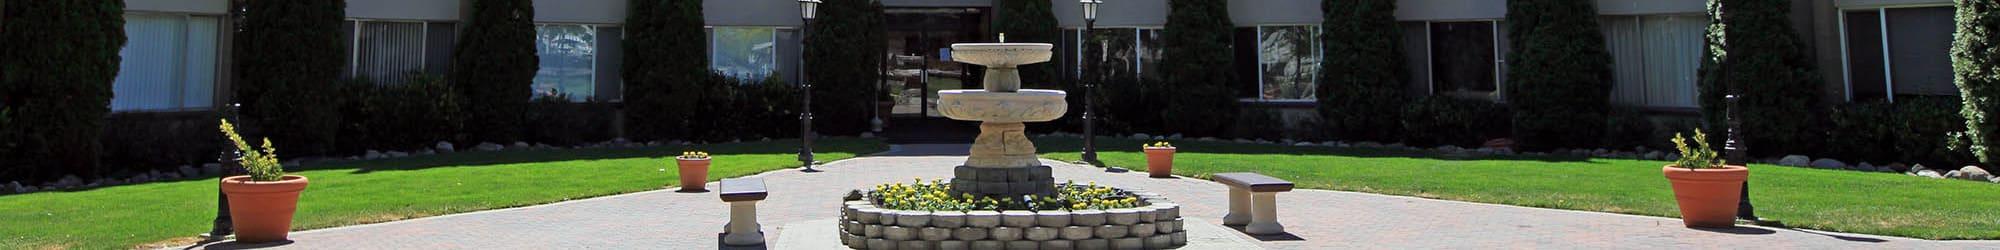 Privacy policy for Regency Park in Reno, Nevada